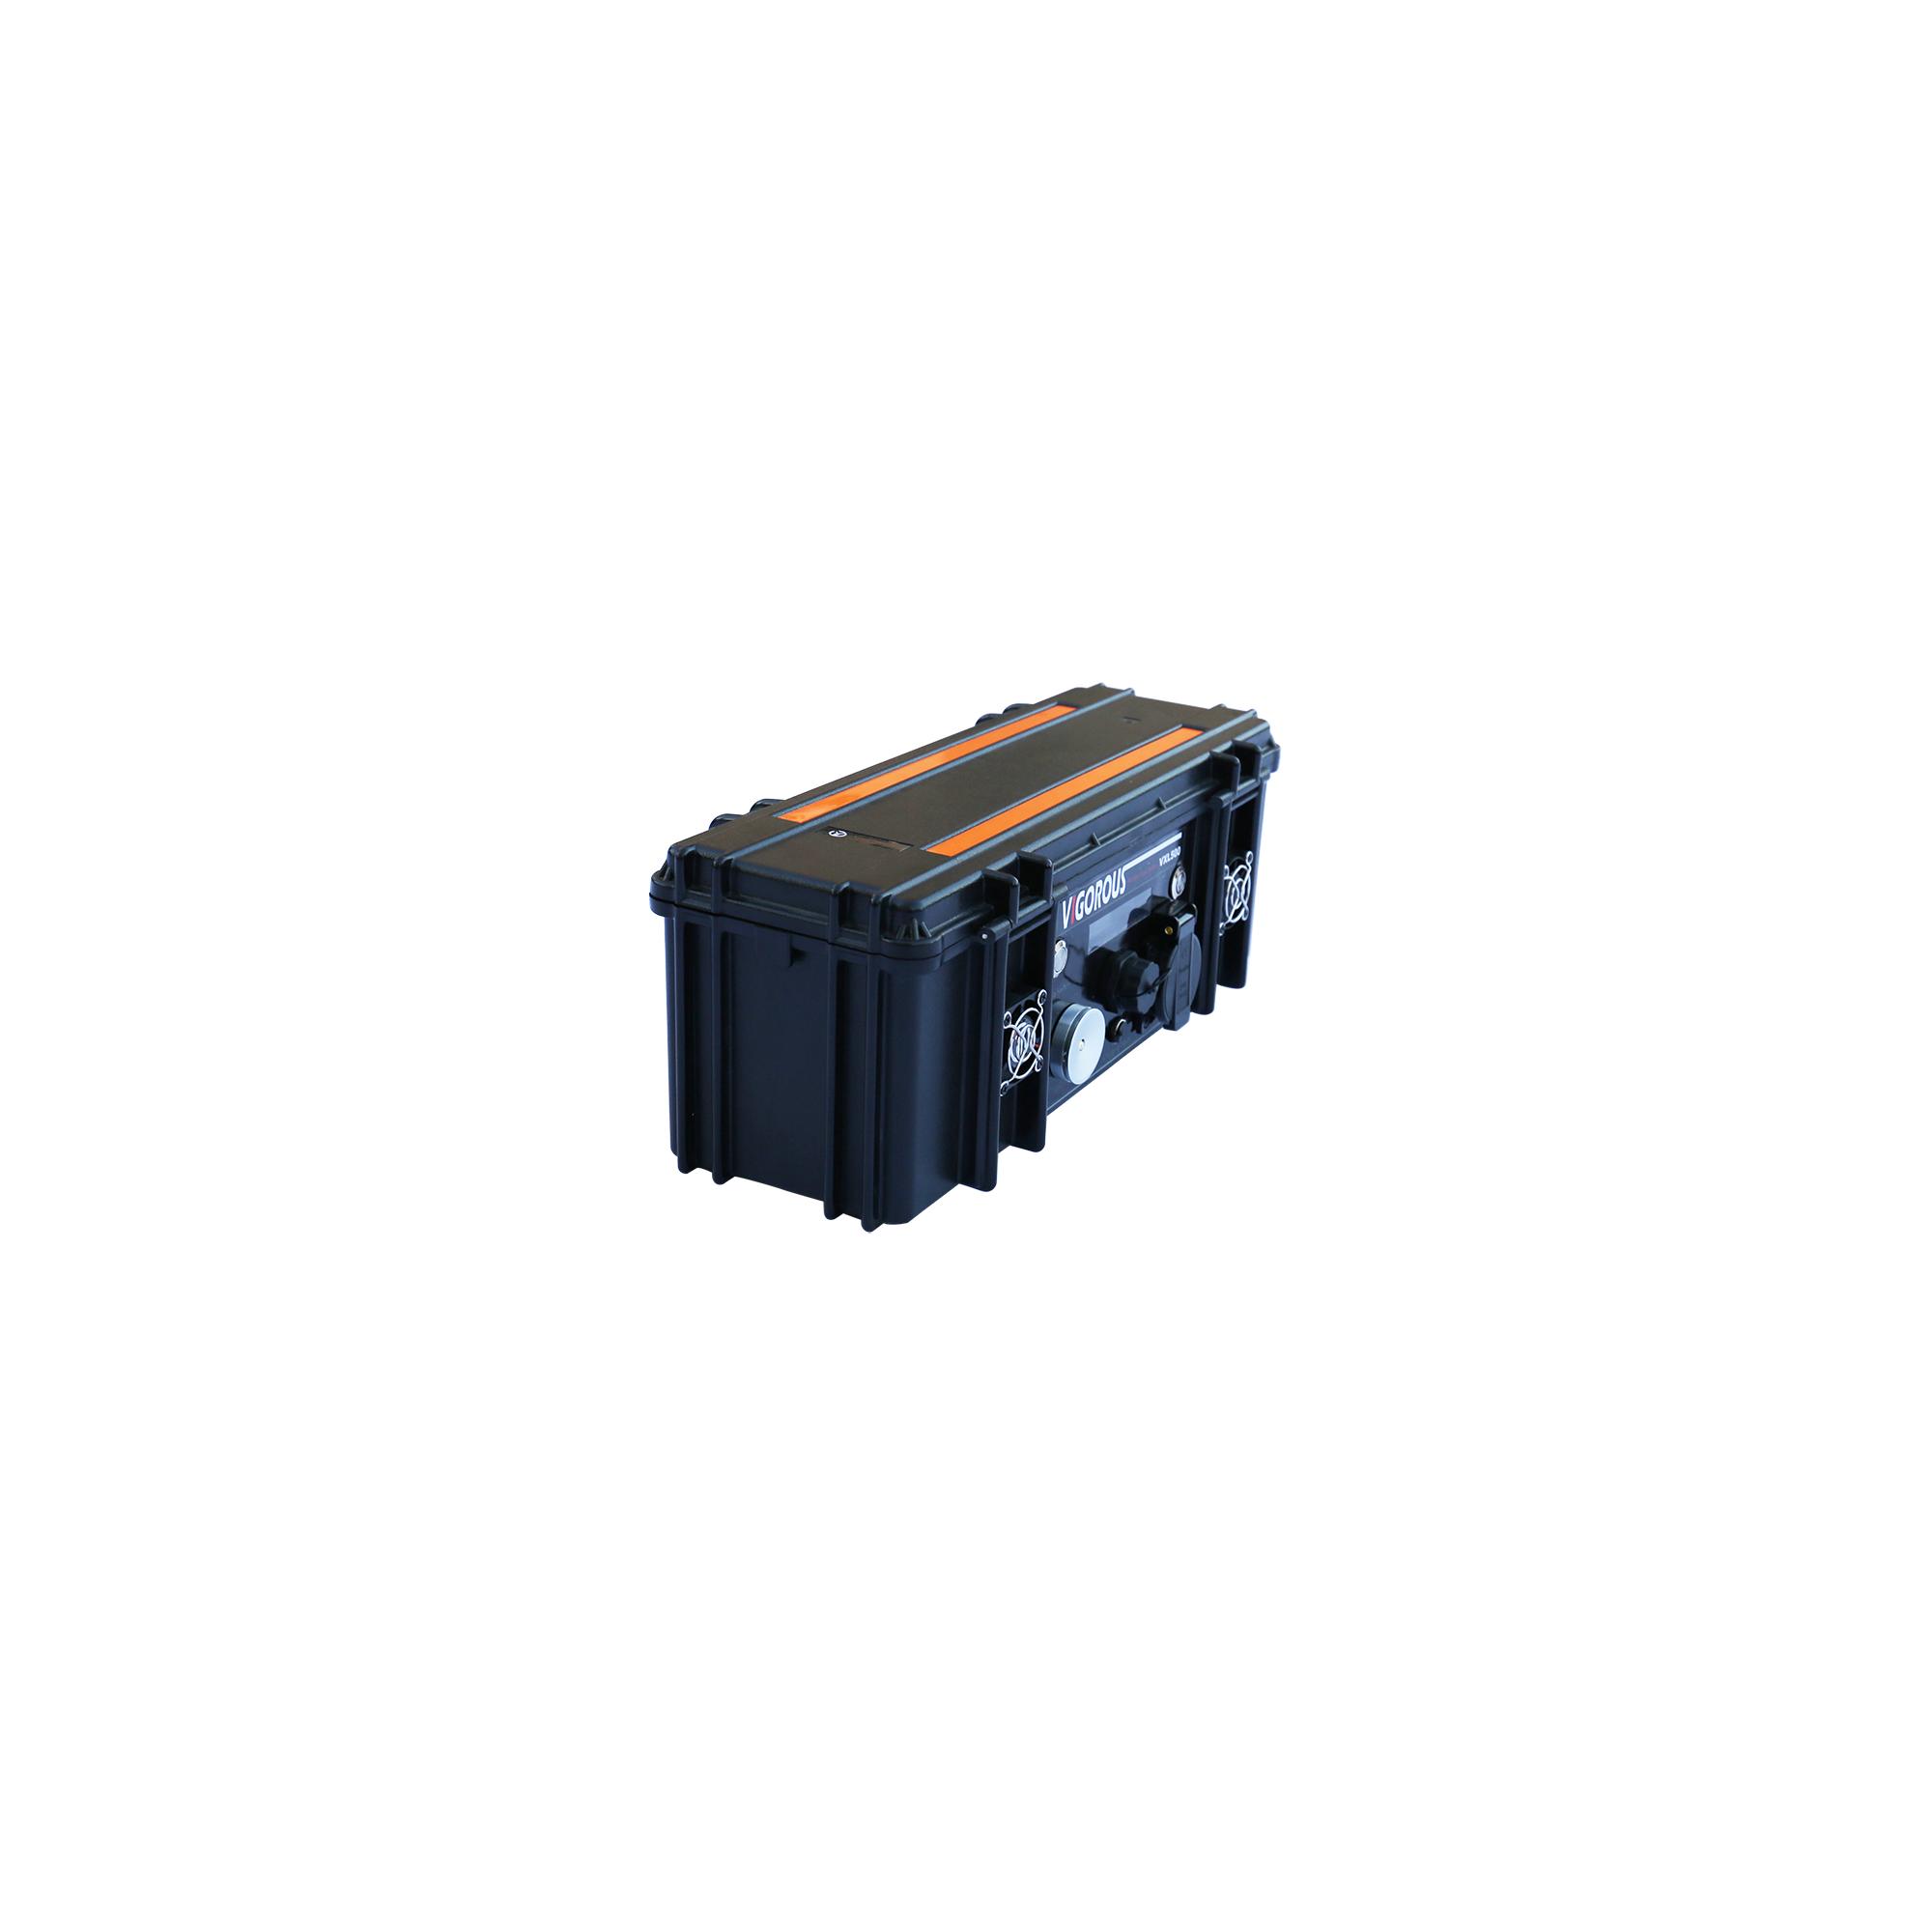 PS1000-ITC